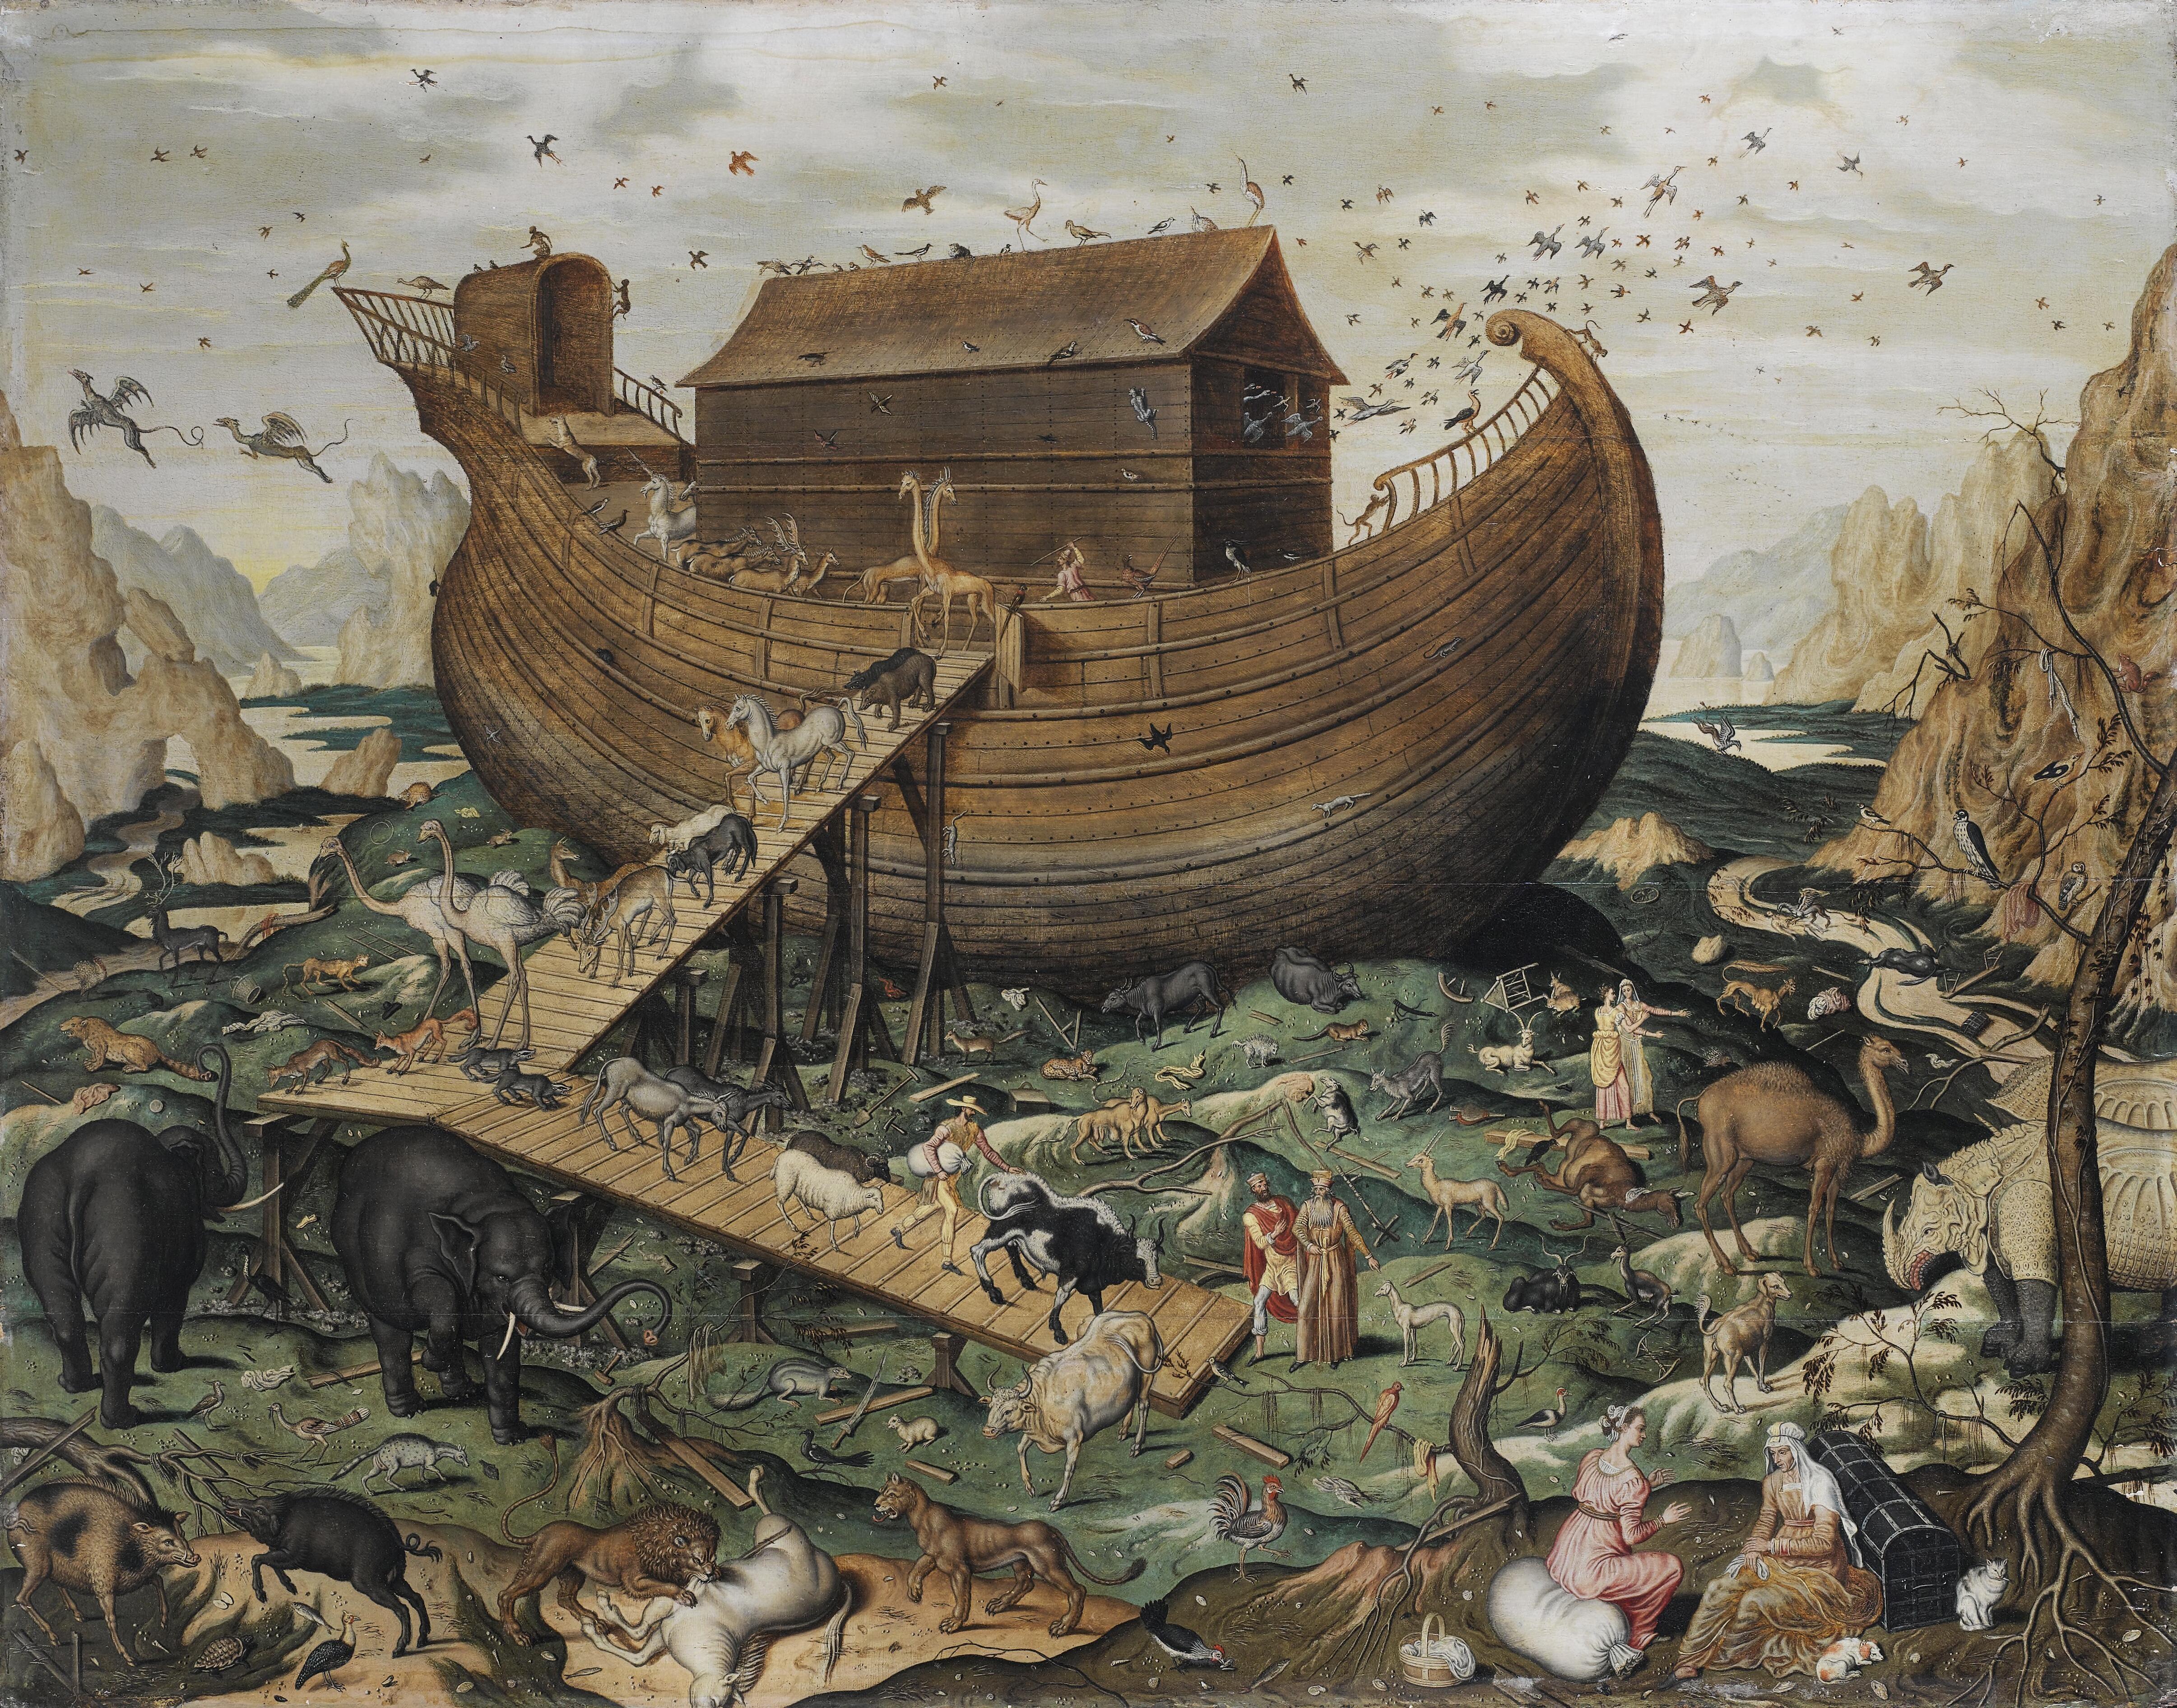 Noah's Ark Depiction